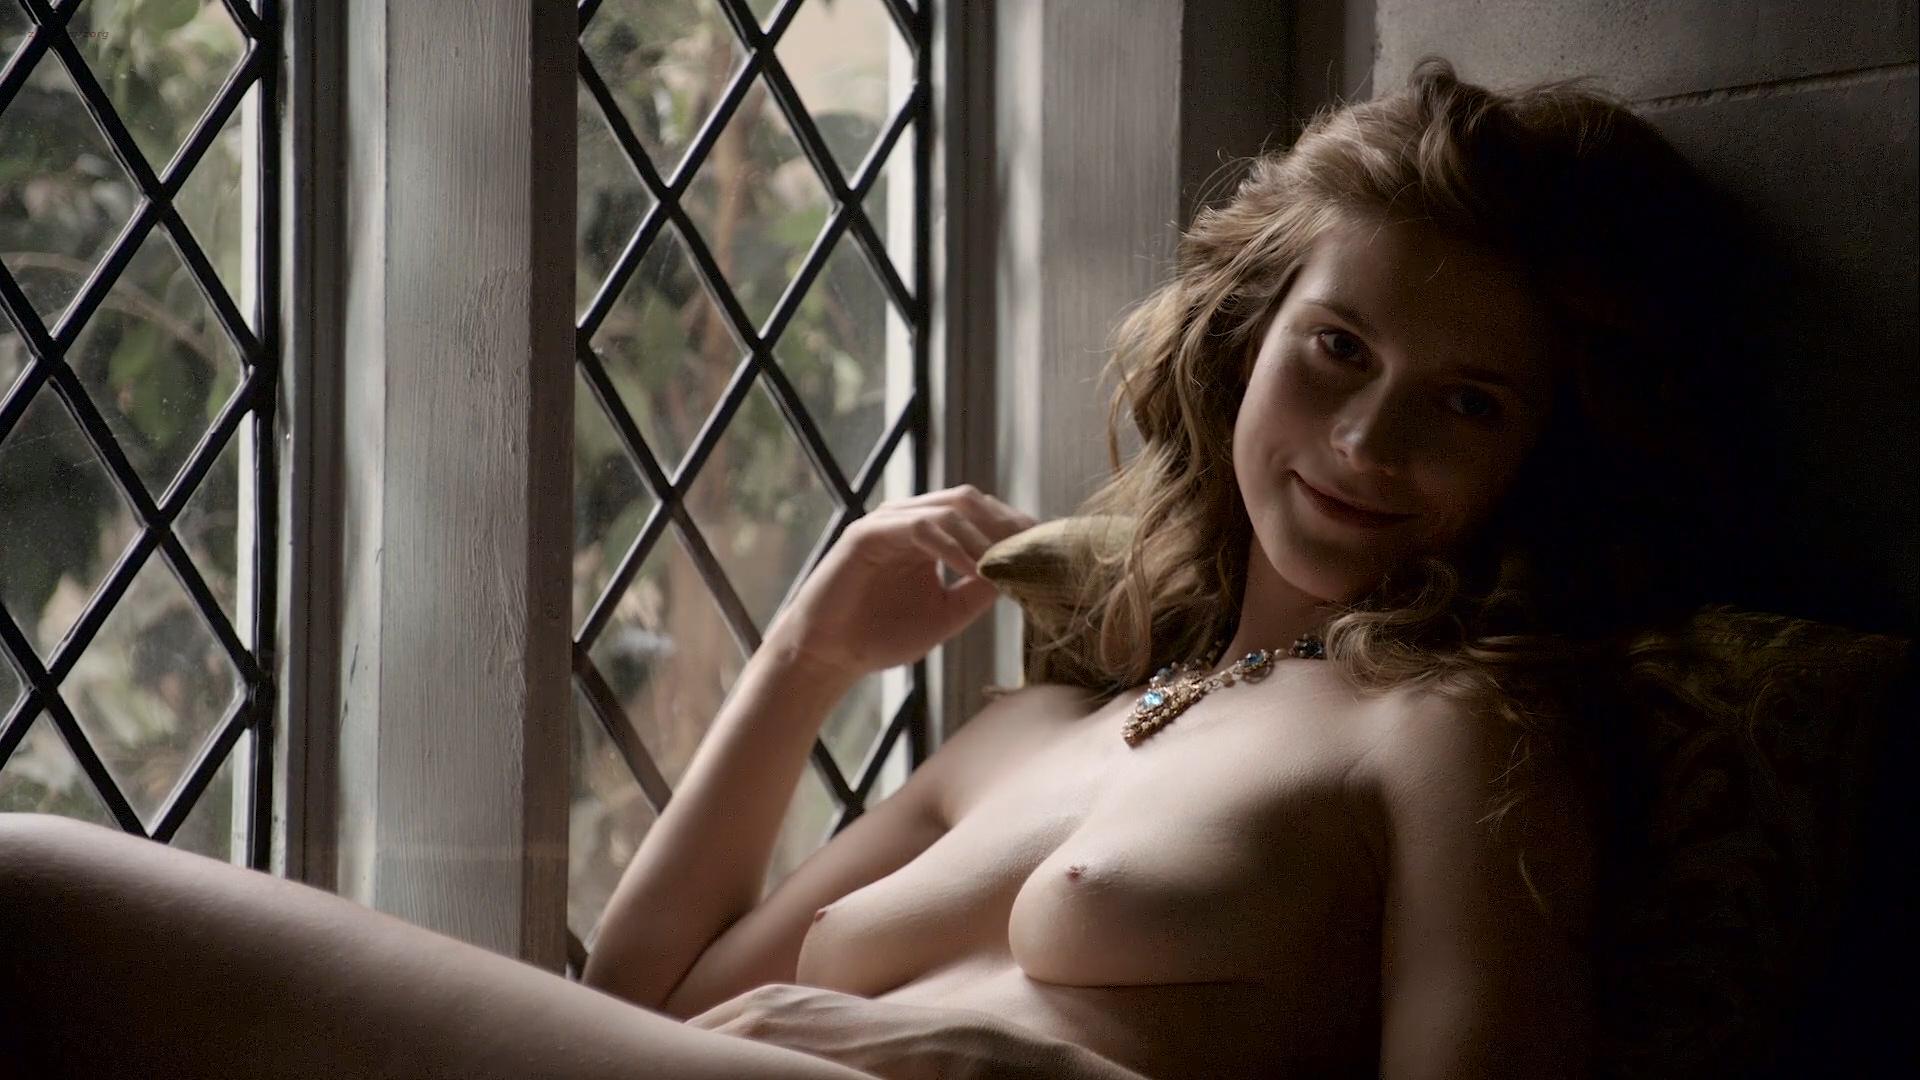 Www xxx sexy vidoe com-1385